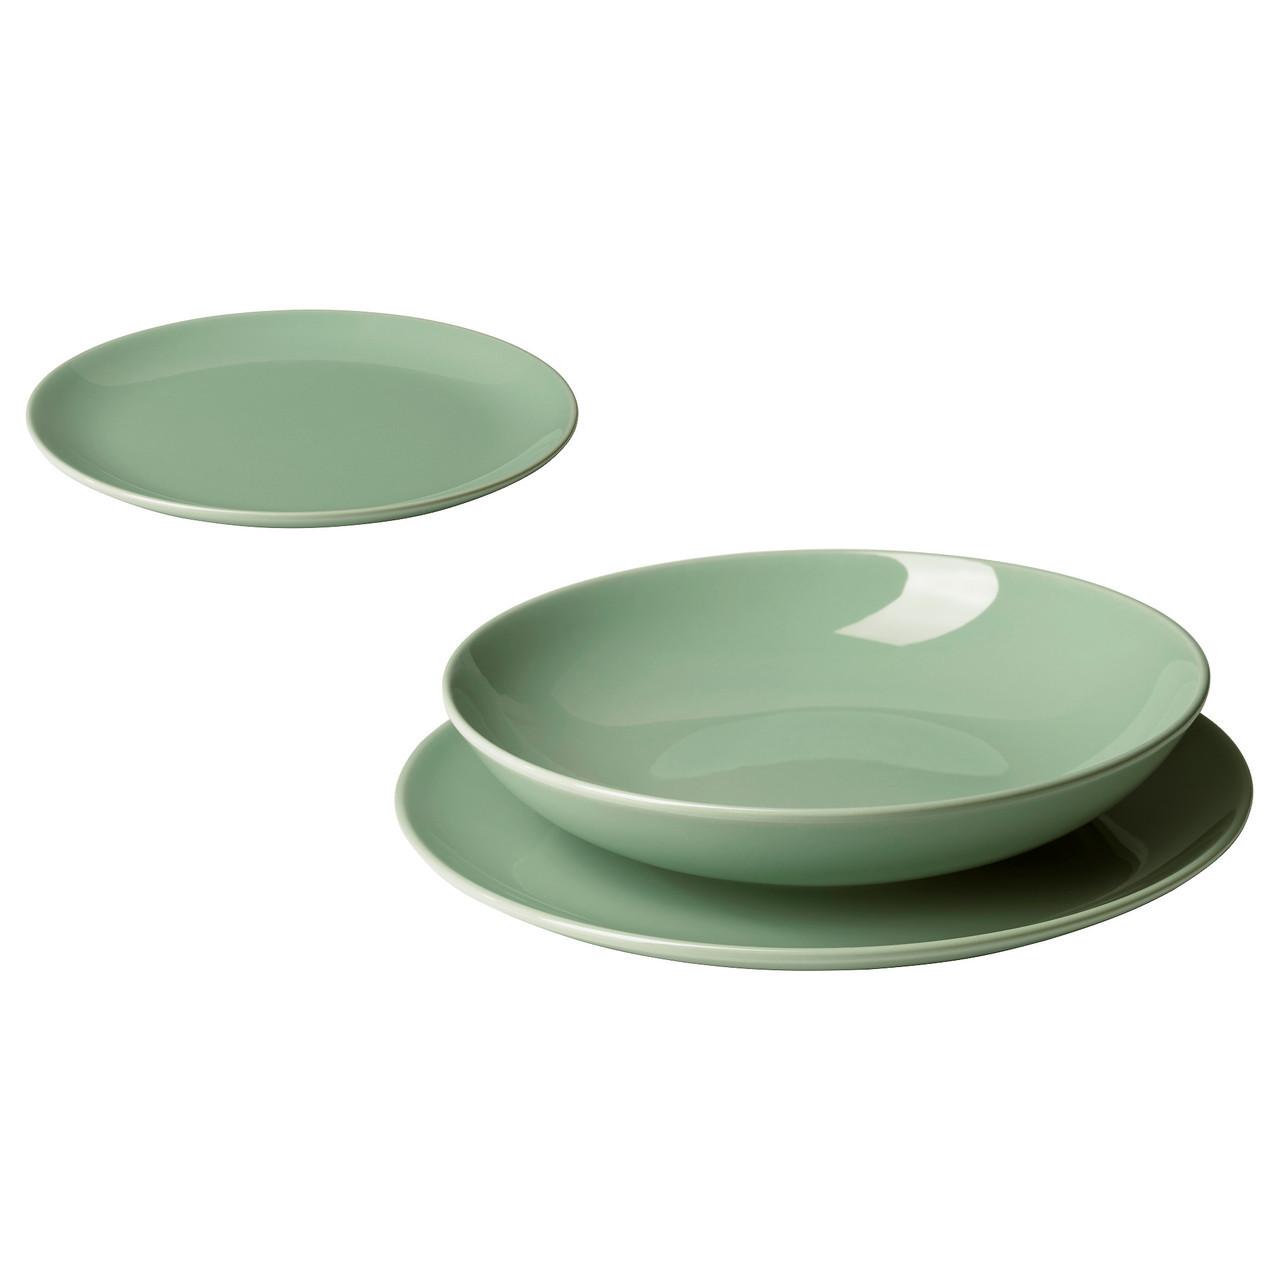 ФЭРГРИК Сервиз, 18 предметов, керамика, светло-зеленый, 70392014 IKEA, ИКЕА, FARGRIK